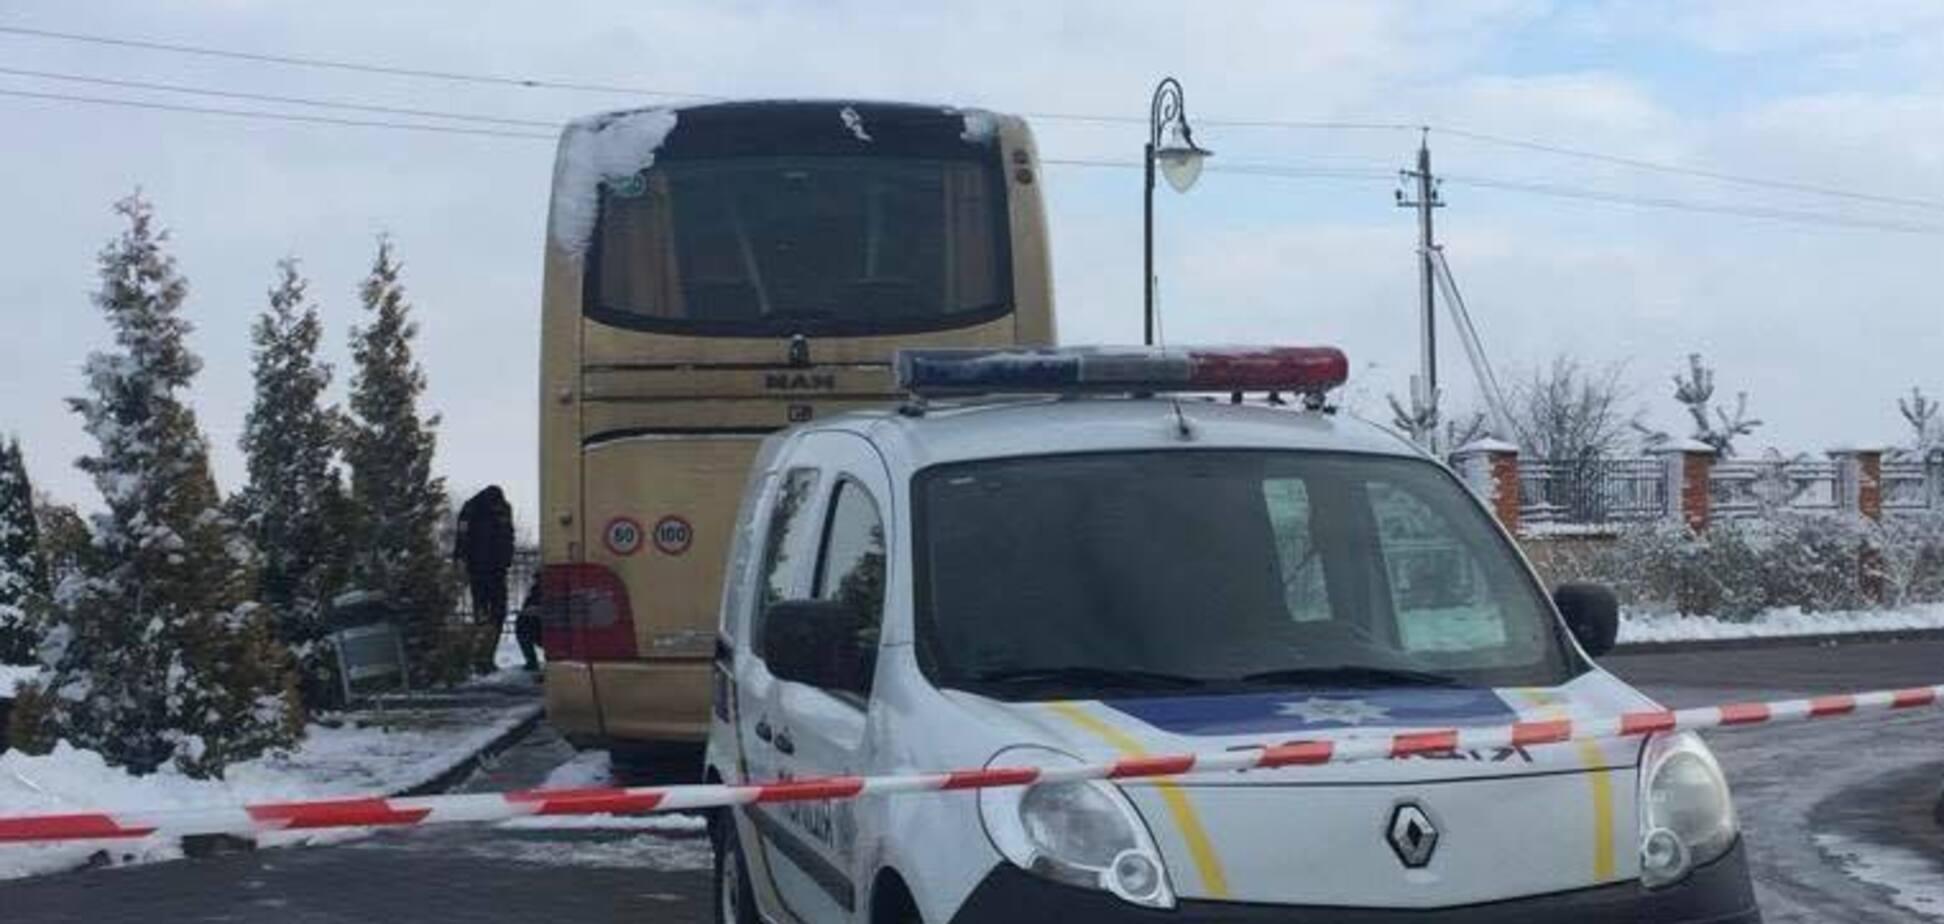 Під Львовом підірвали автобус польських туристів: з'явилася реакція Варшави